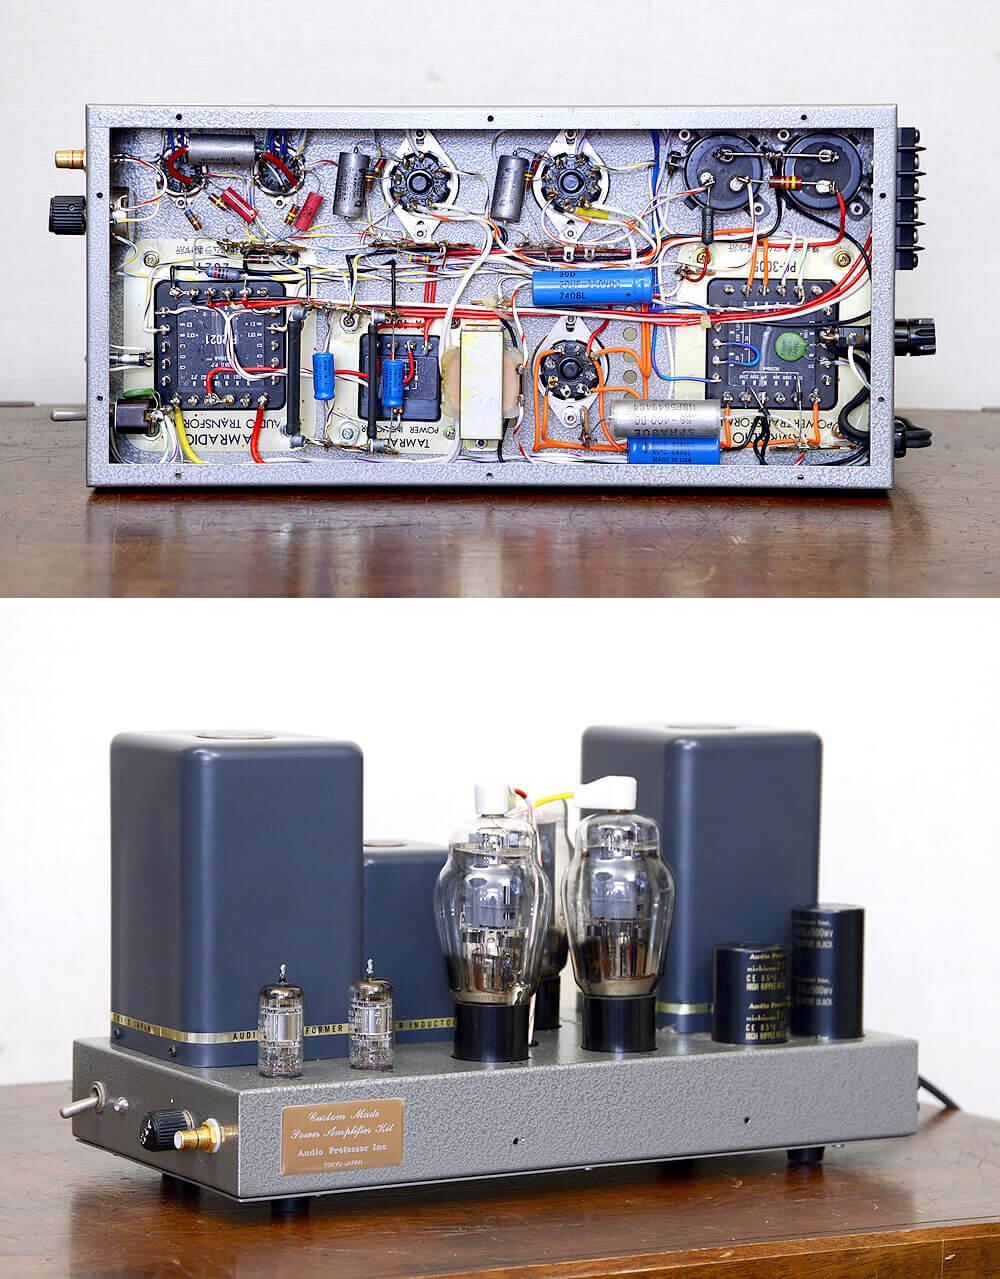 オーディオ専科 6P28 真空管モノラルパワーアンプキット3枚目